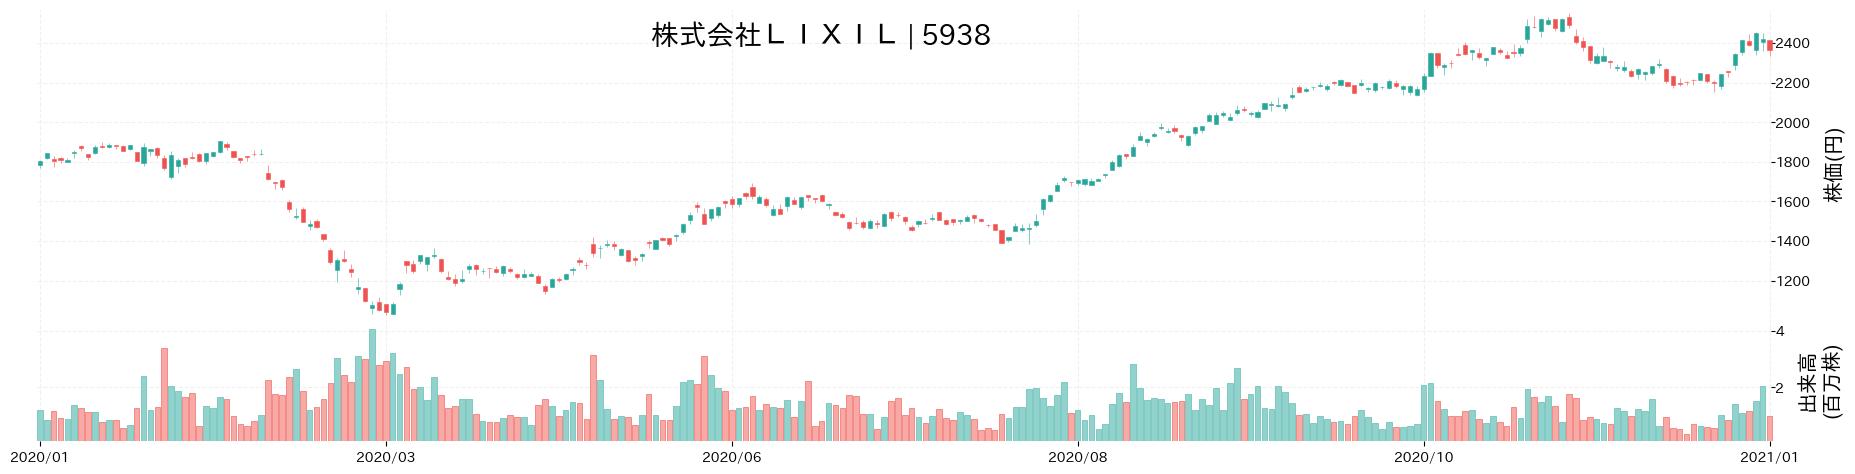 株式会社LIXILグループの株価推移(2020)